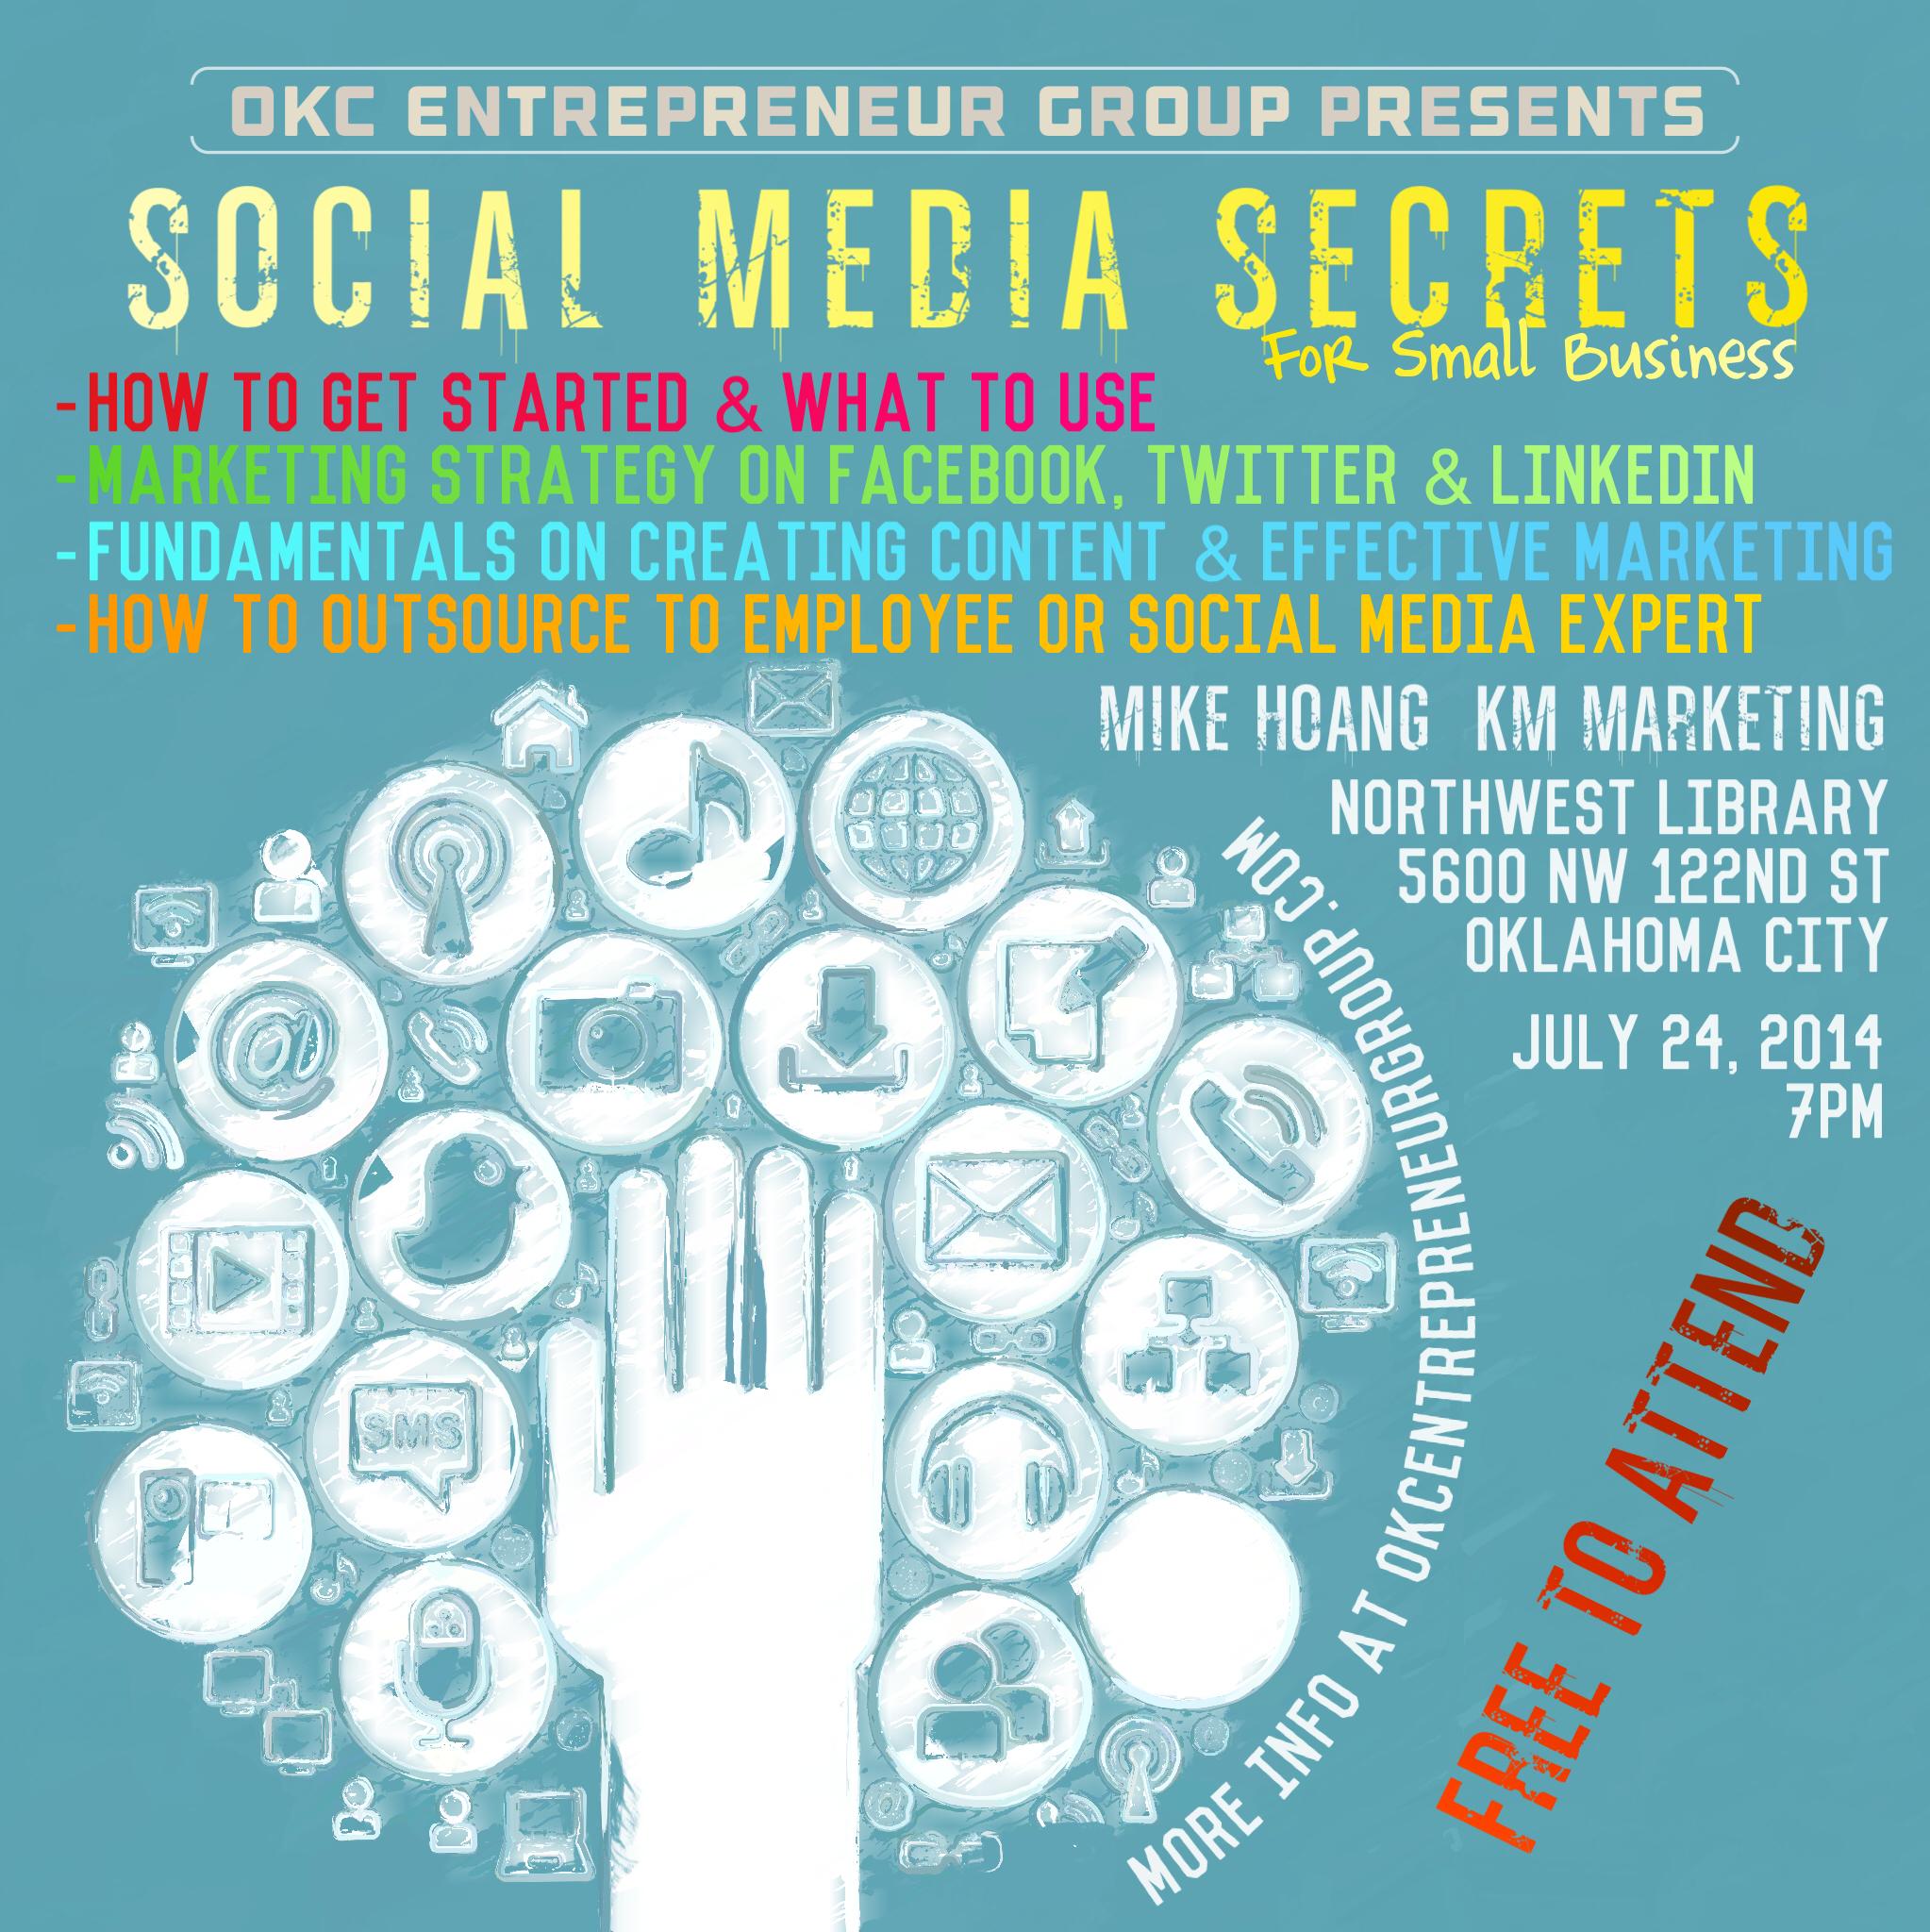 OKC Entrepreneur Group - Social Media Secrets.jpg